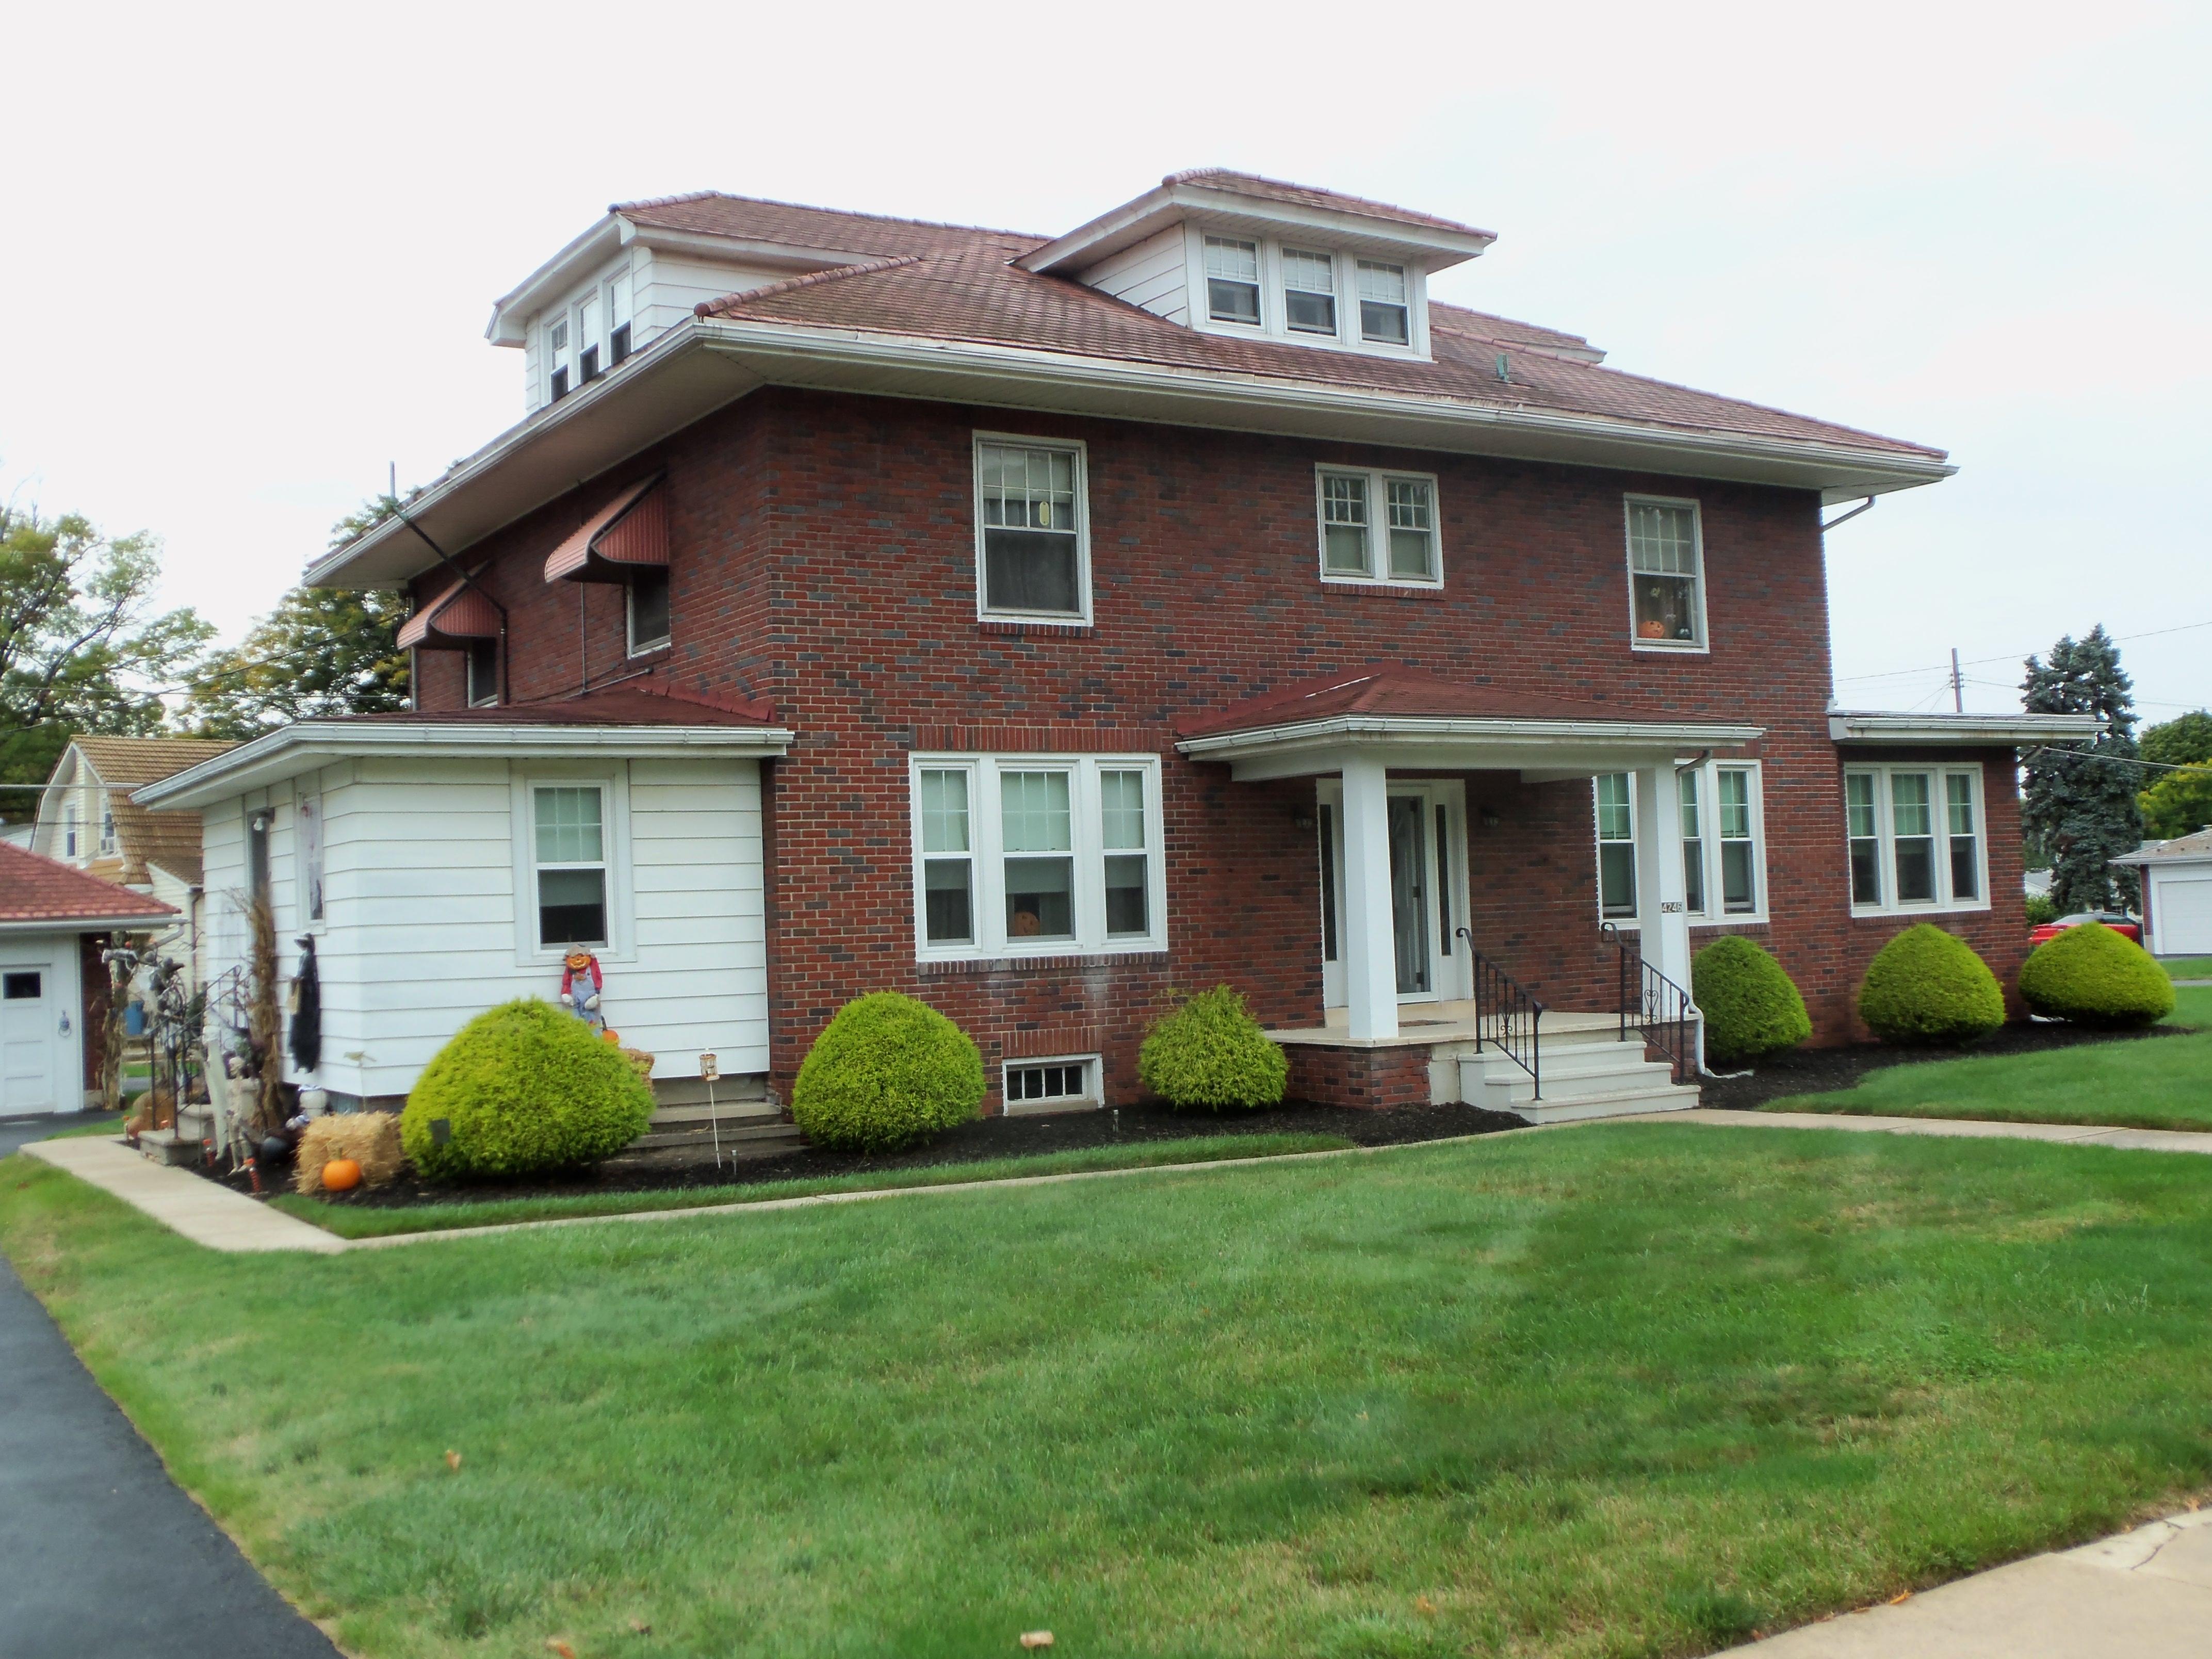 4246 Kutztown Rd, Temple, Pennsylvania 19560